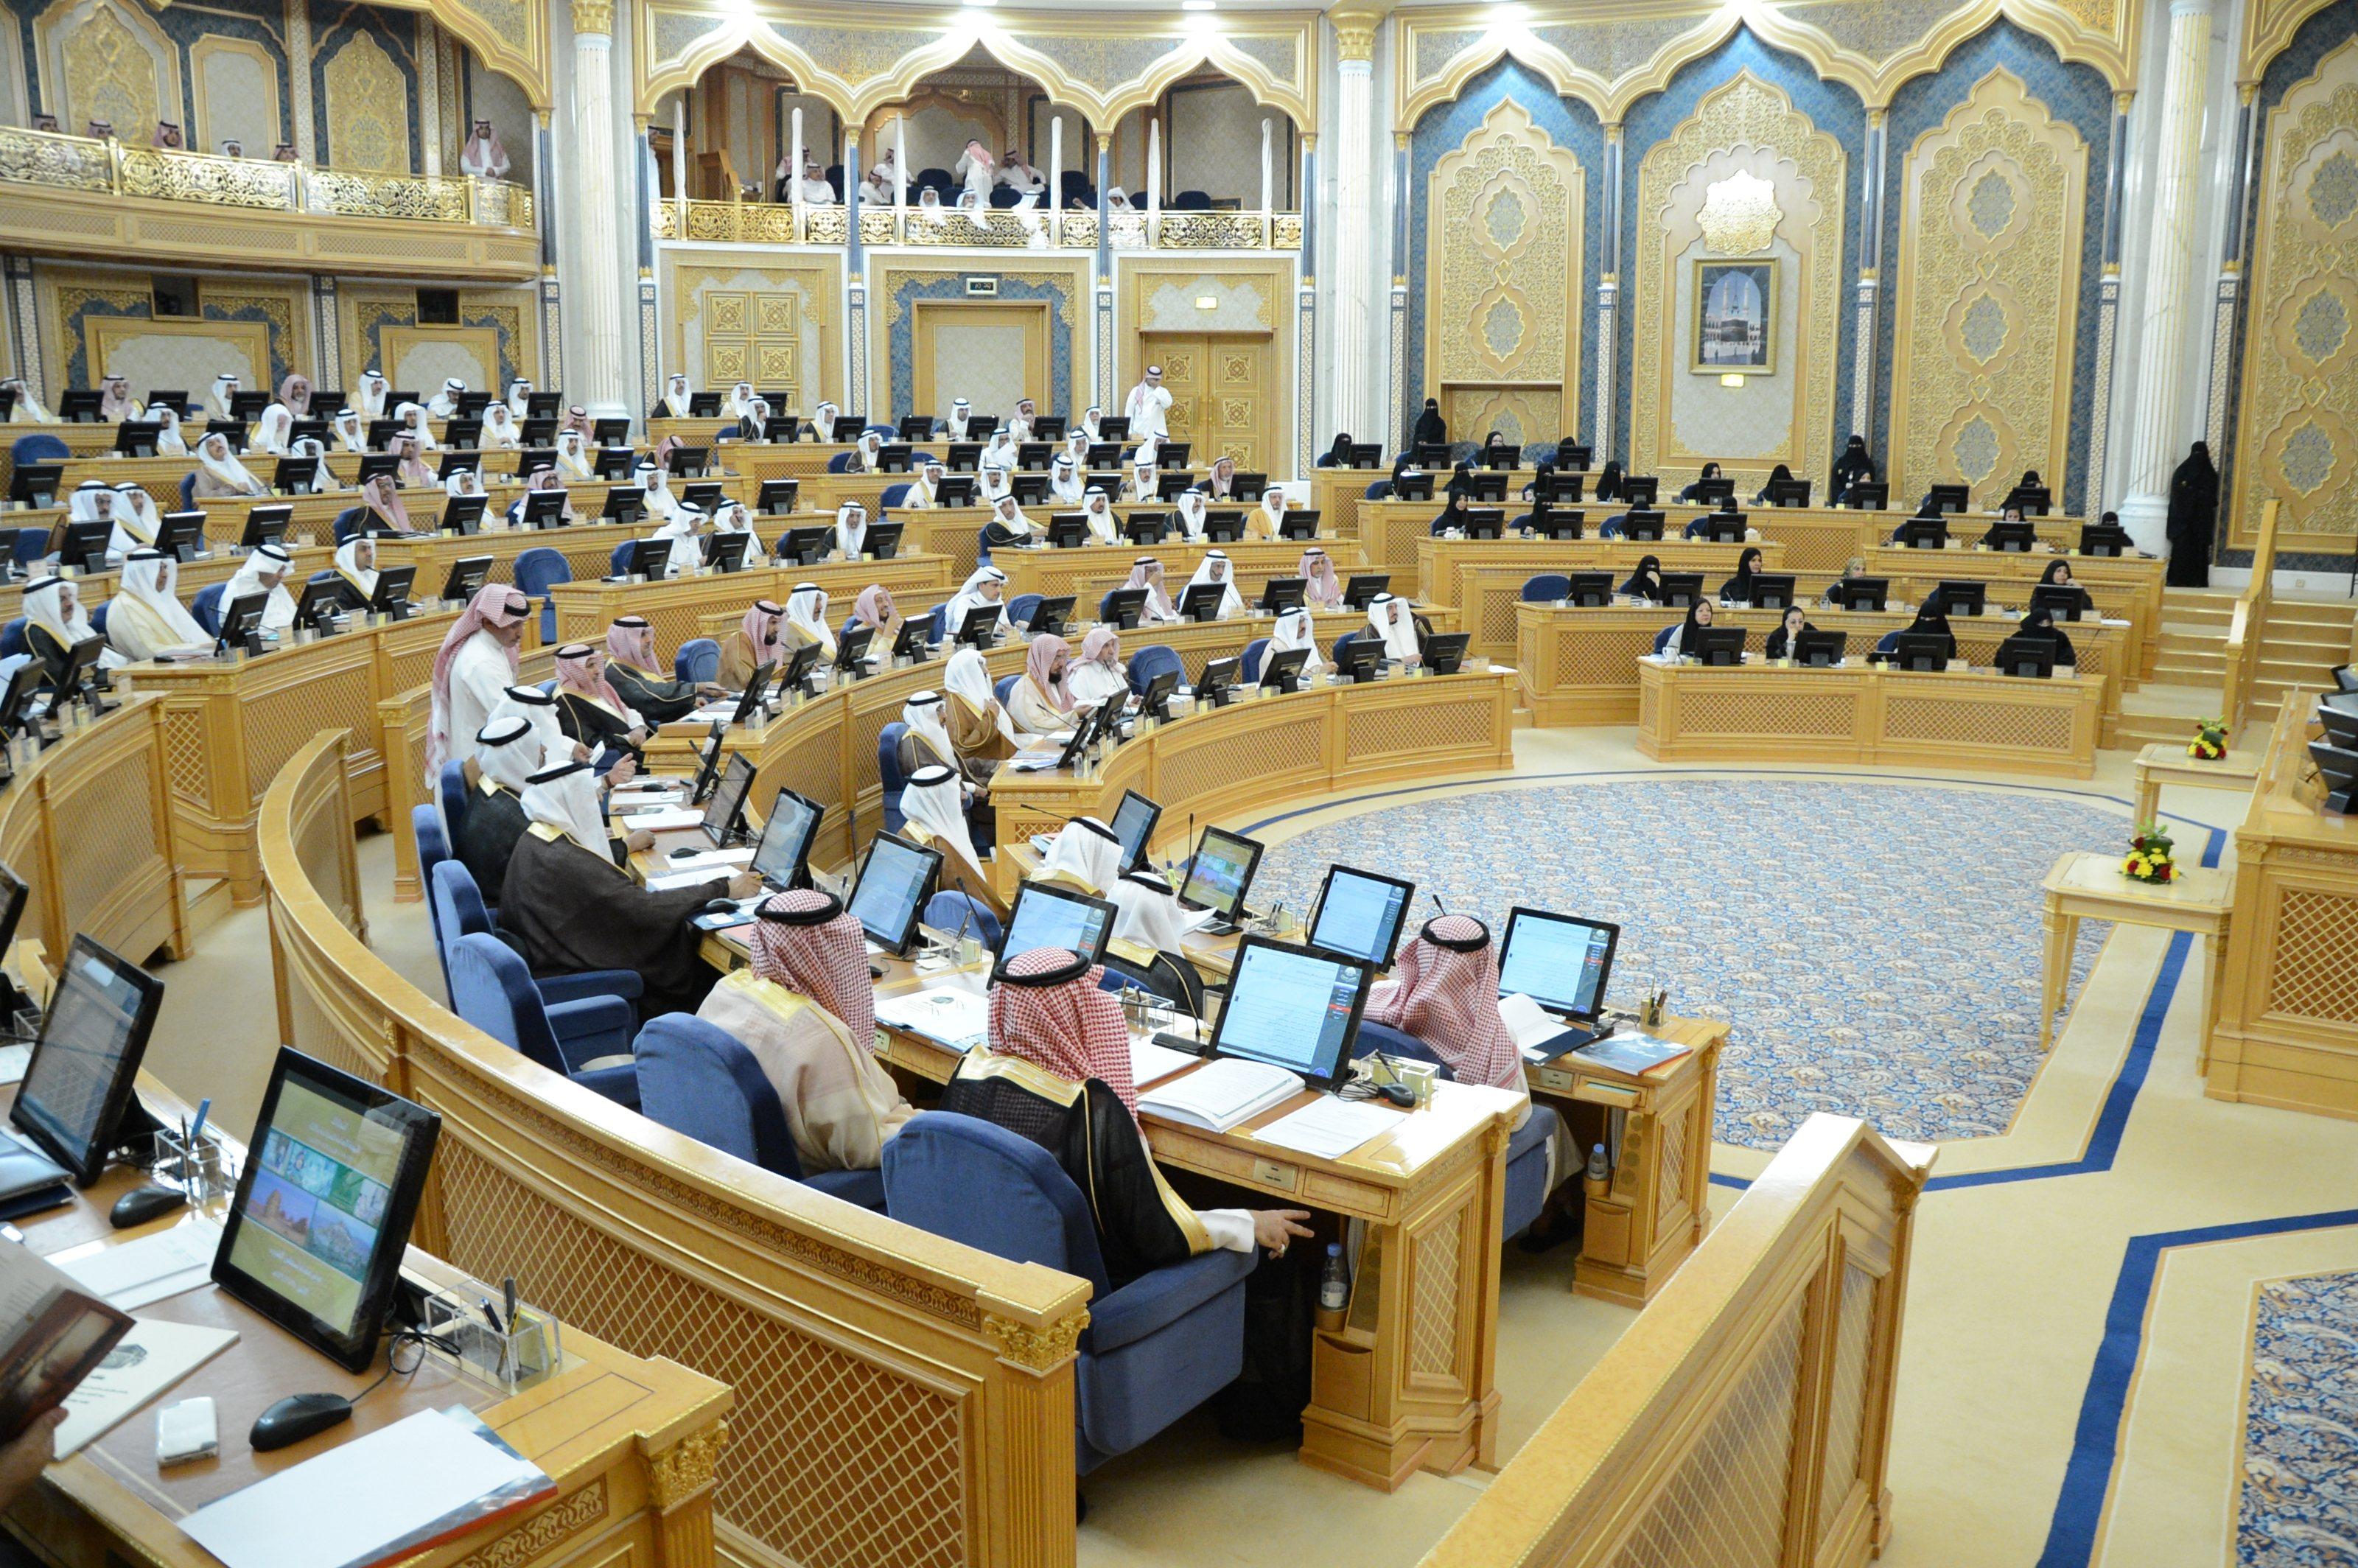 «الشورى» يطالب «العدل» بضوابط لدمج المحاكم دون أعباء على المتقاضين   صحيفة الاقتصادية